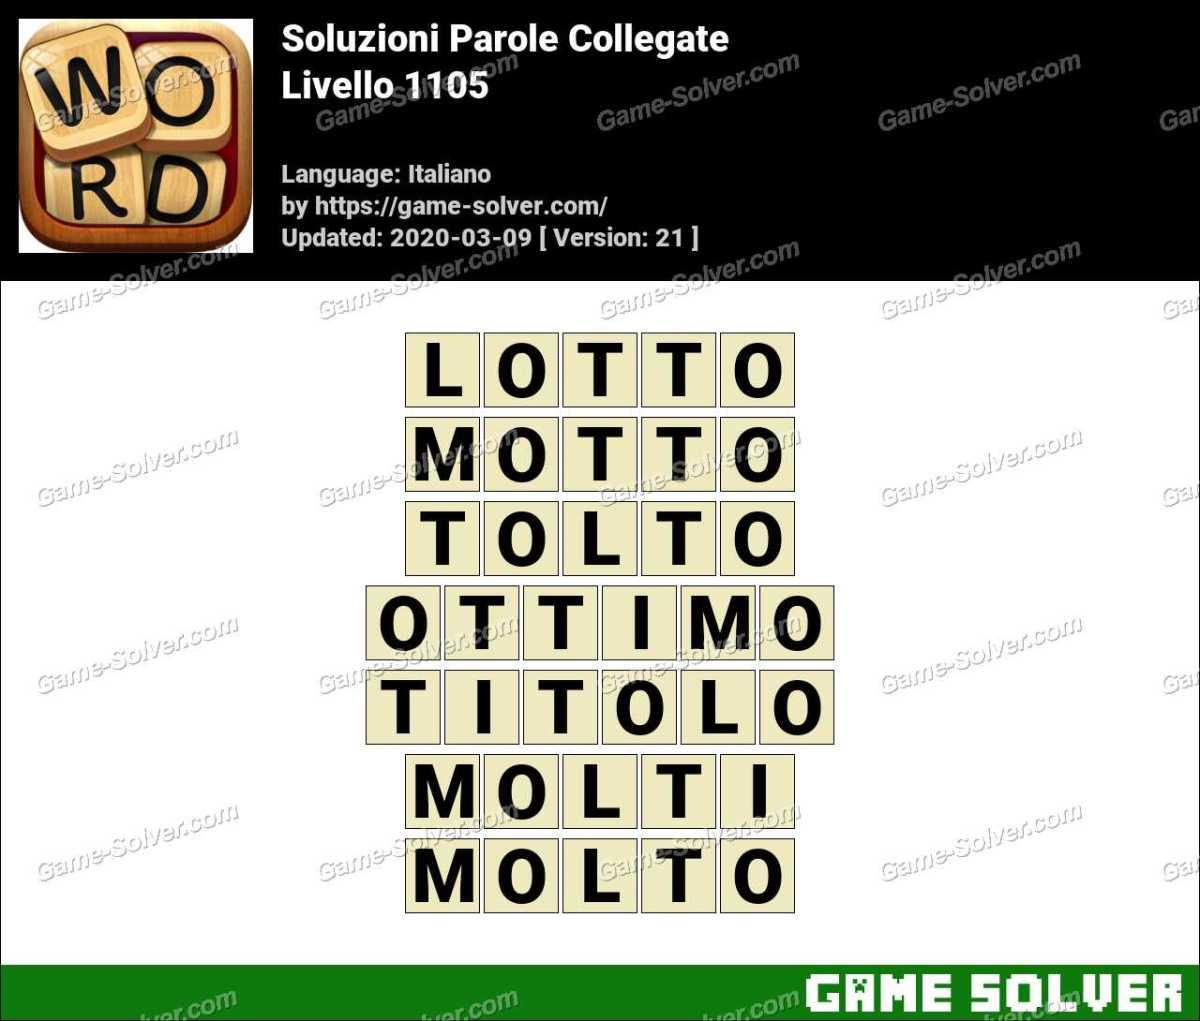 Soluzioni Parole Collegate Livello 1105